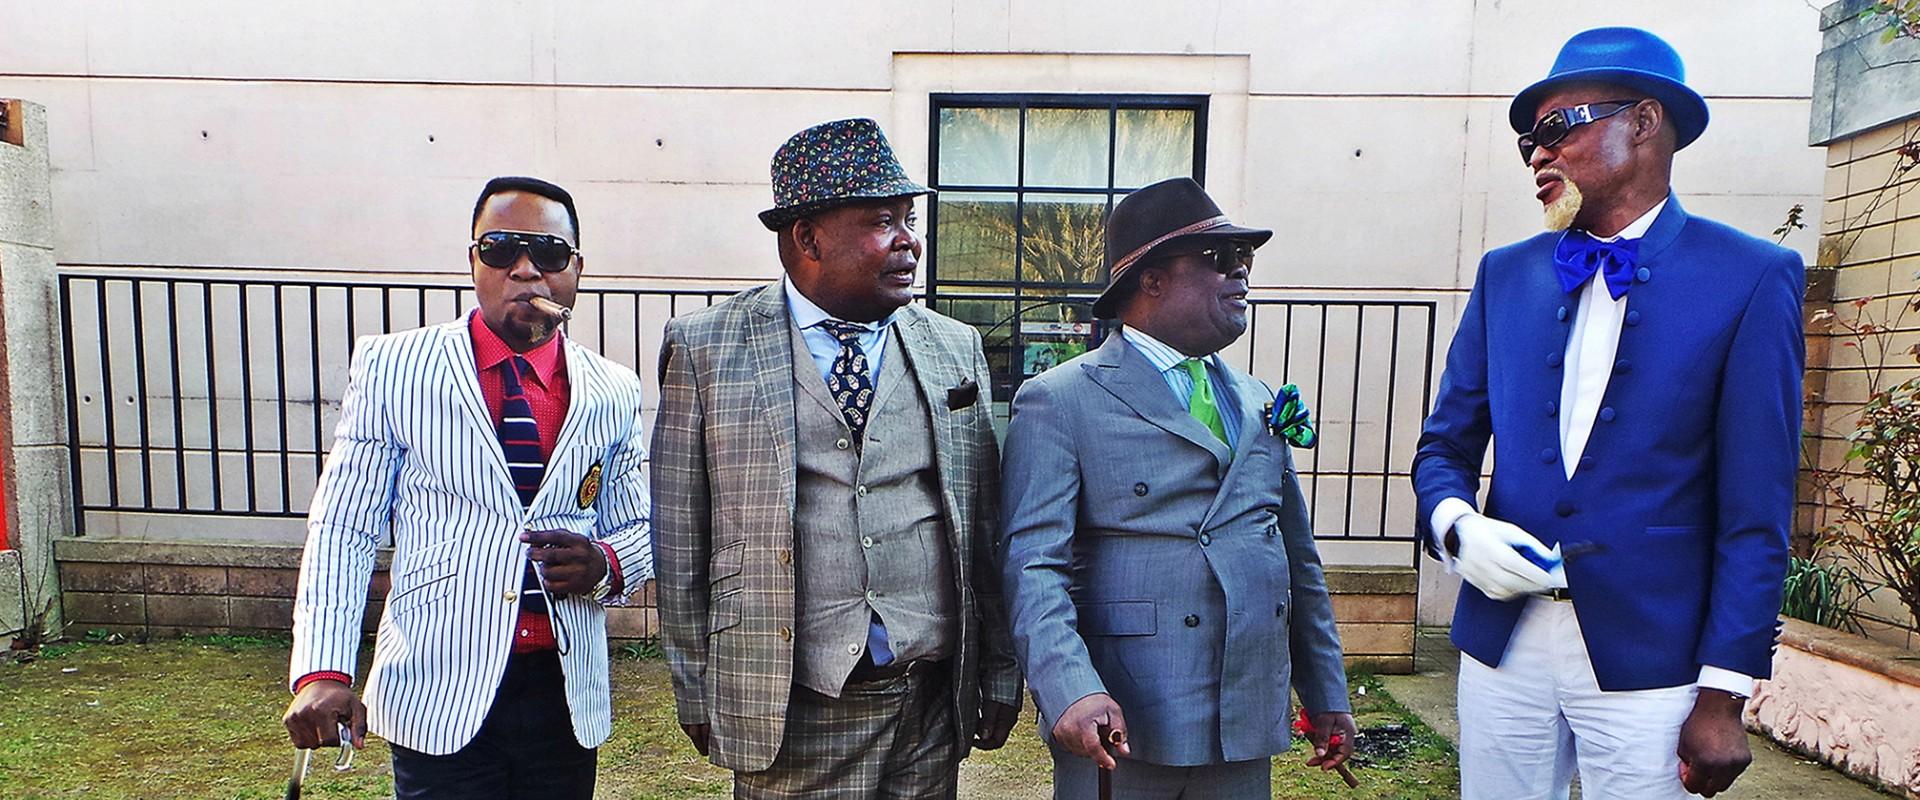 Black Culture Fashion